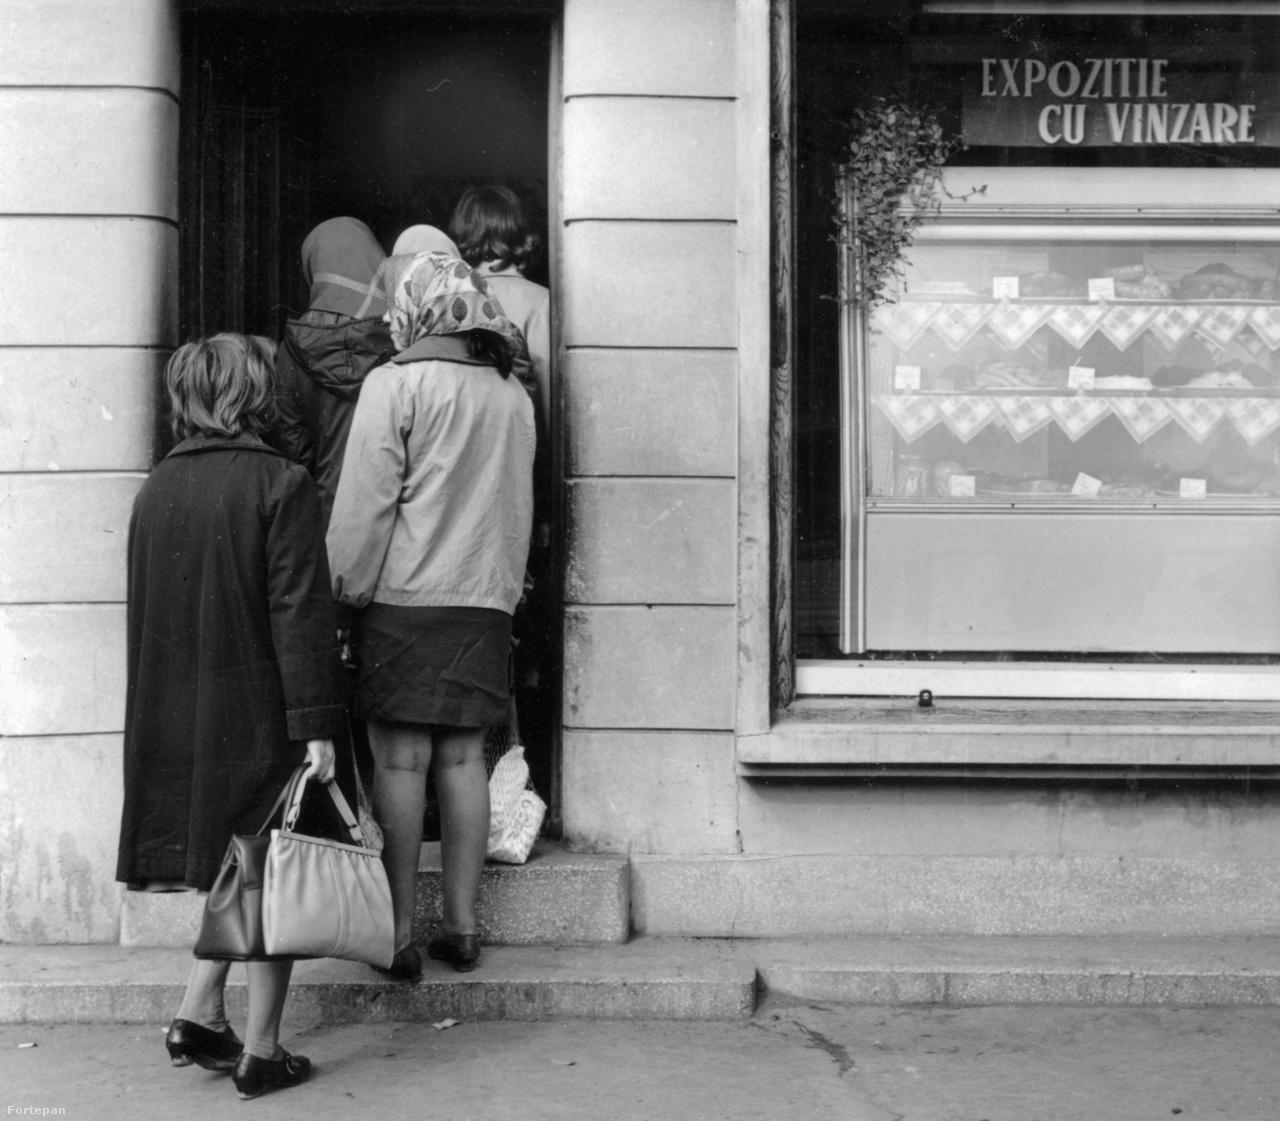 Kiállítás eladással 1966-ból. De hogy mit állítanak ki és adnak el, az rejtély.